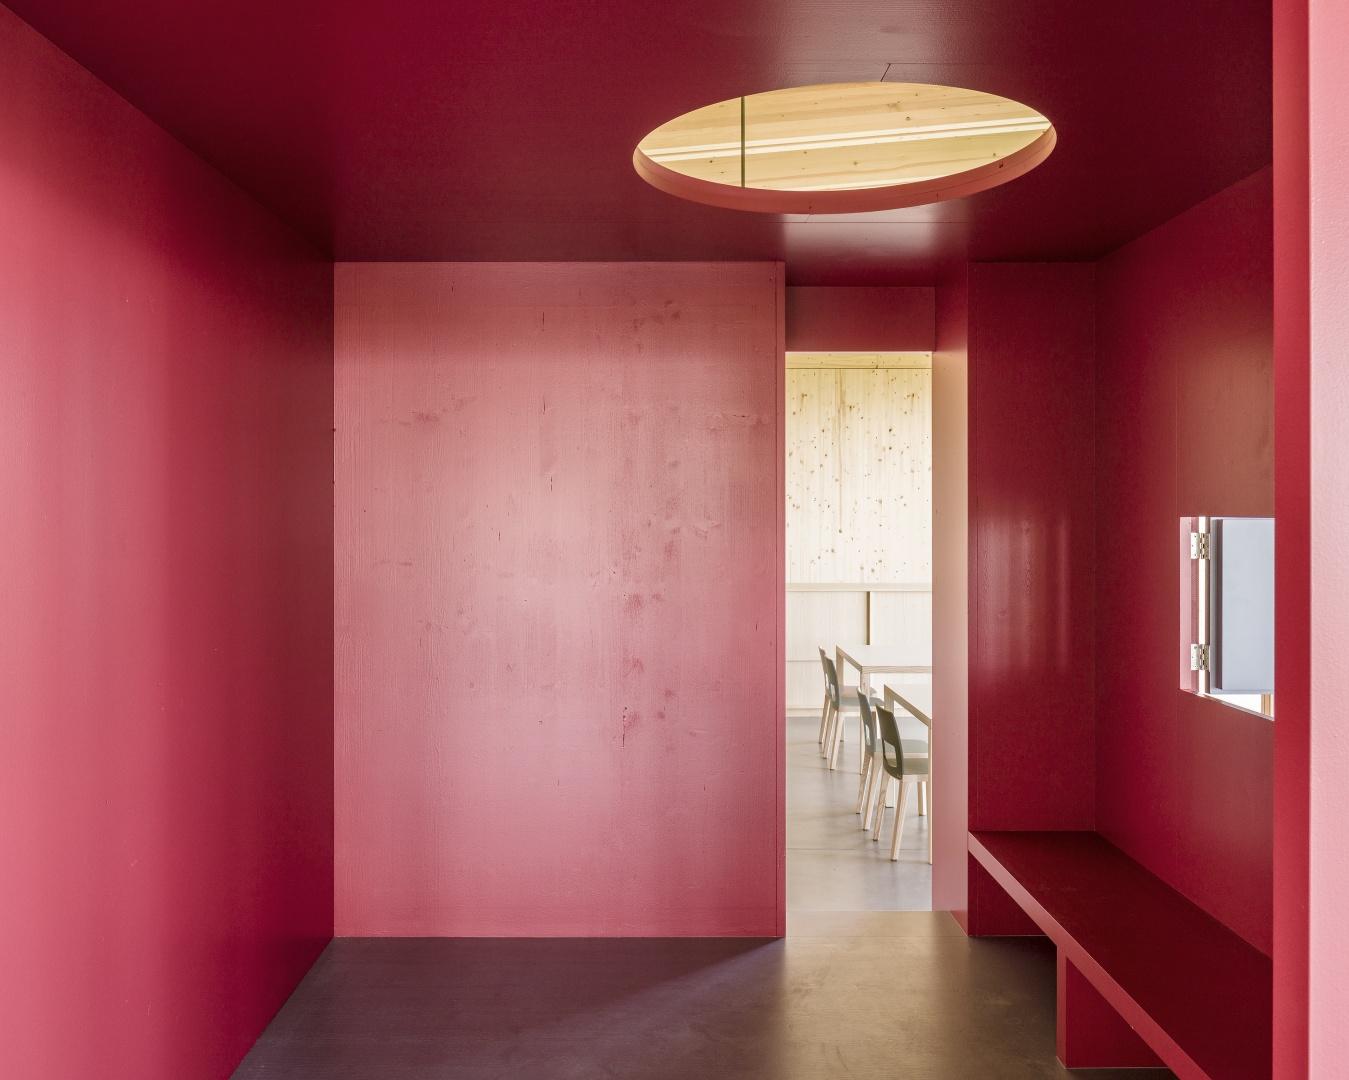 Spielmöbel © 2017 Jaeger Koechlin Achitekten, Basel